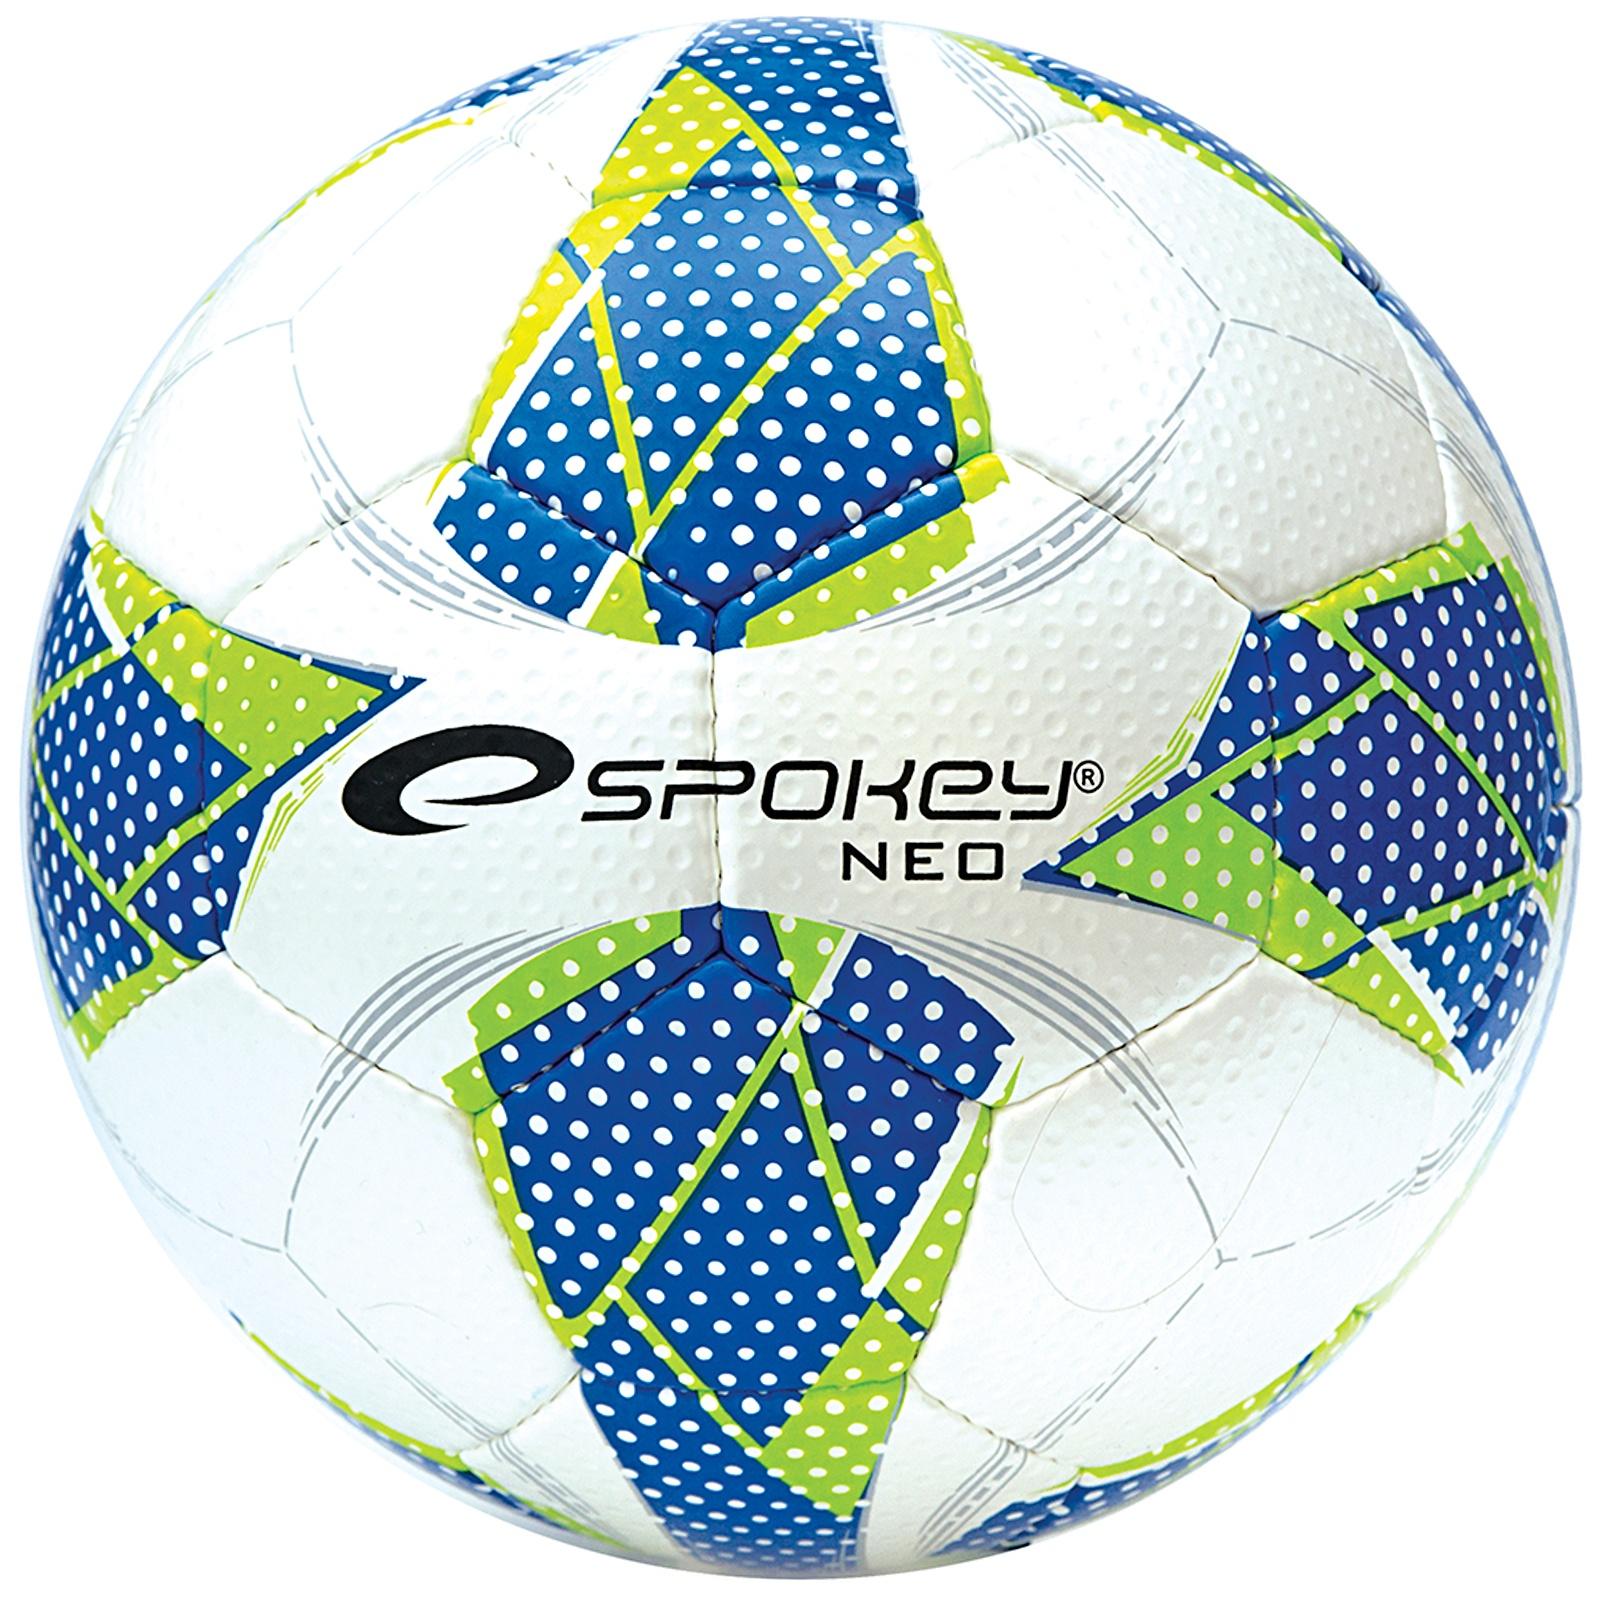 Fotbalový míč SPOKEY Neo Futsal II modrý